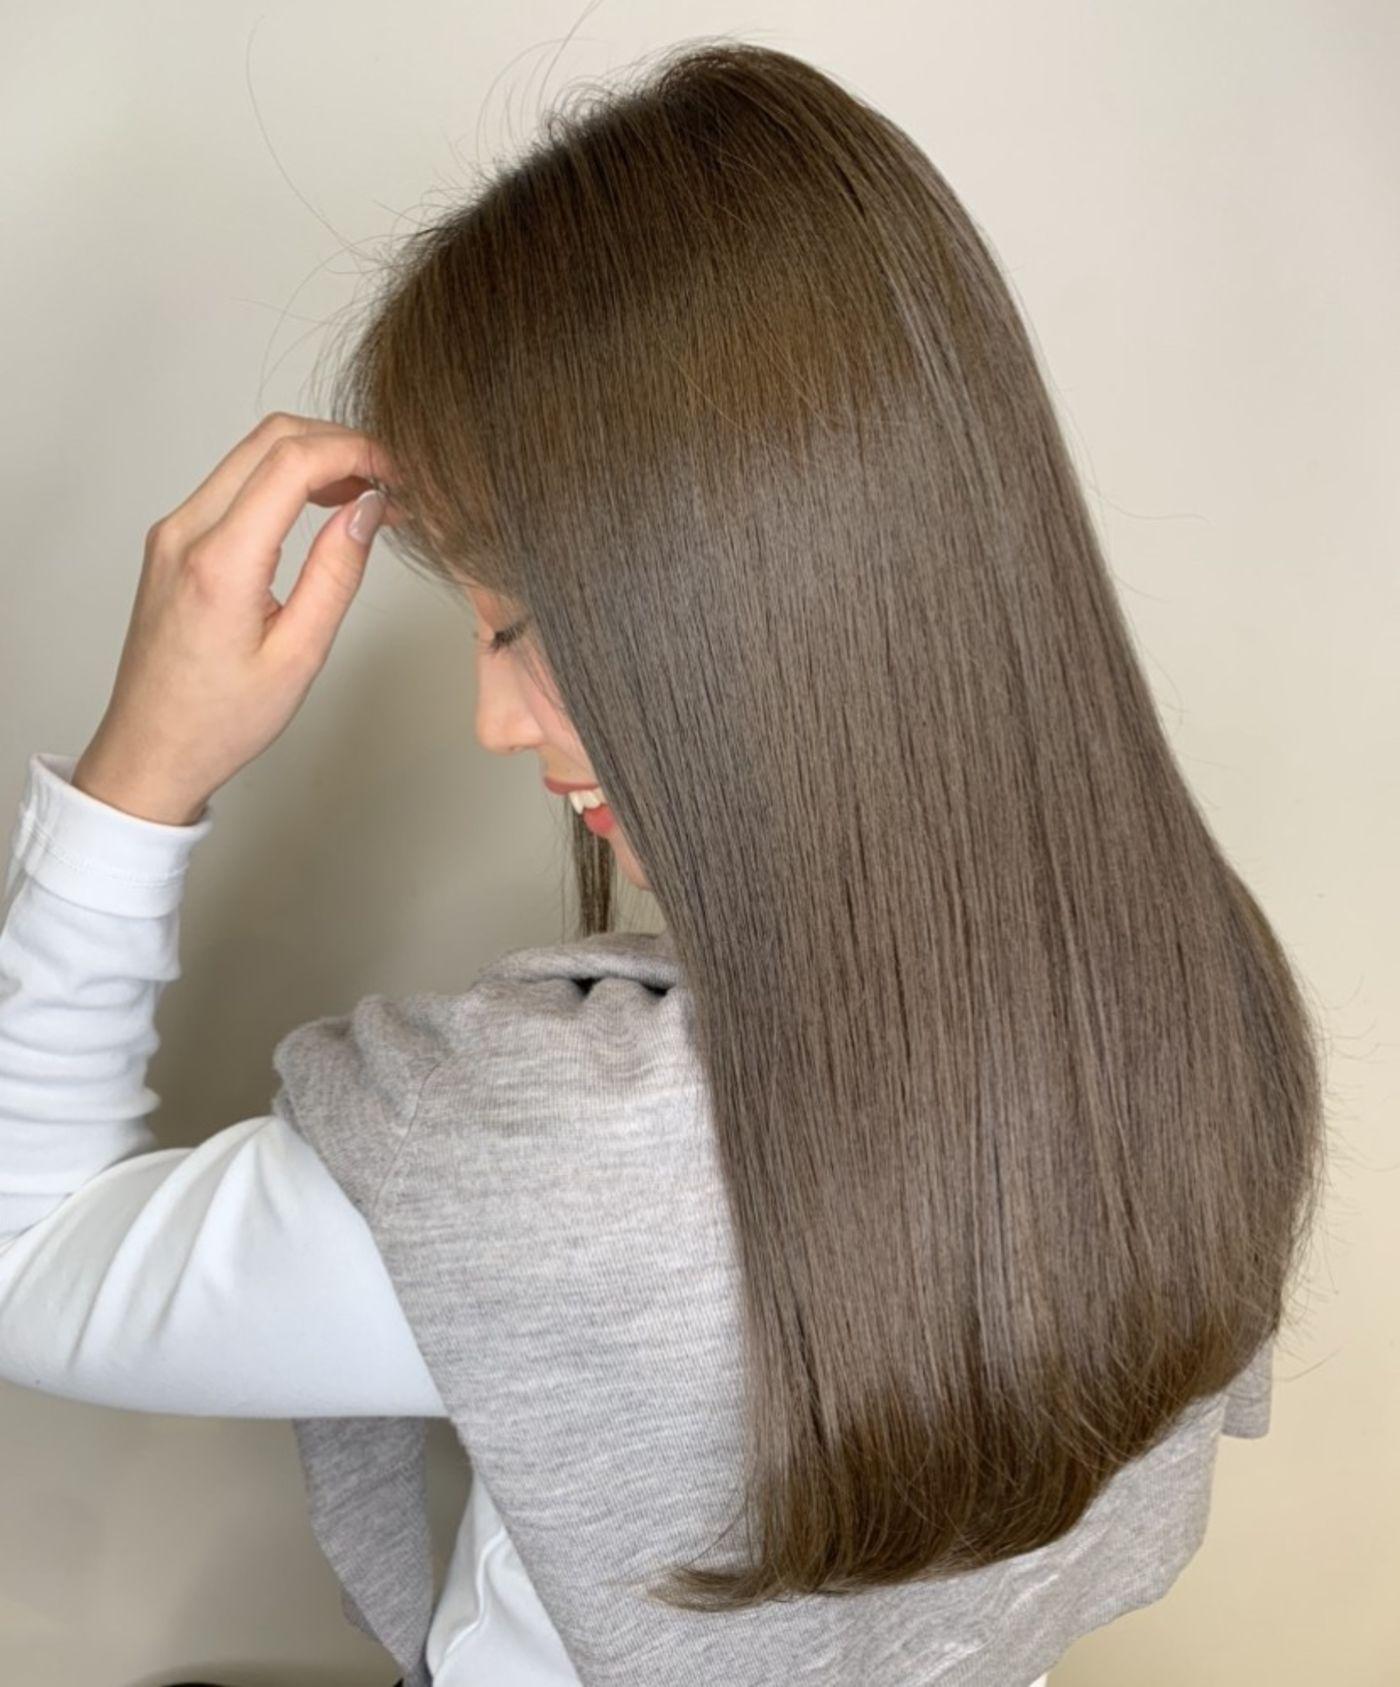 髪の毛を本当に綺麗にしていきたい